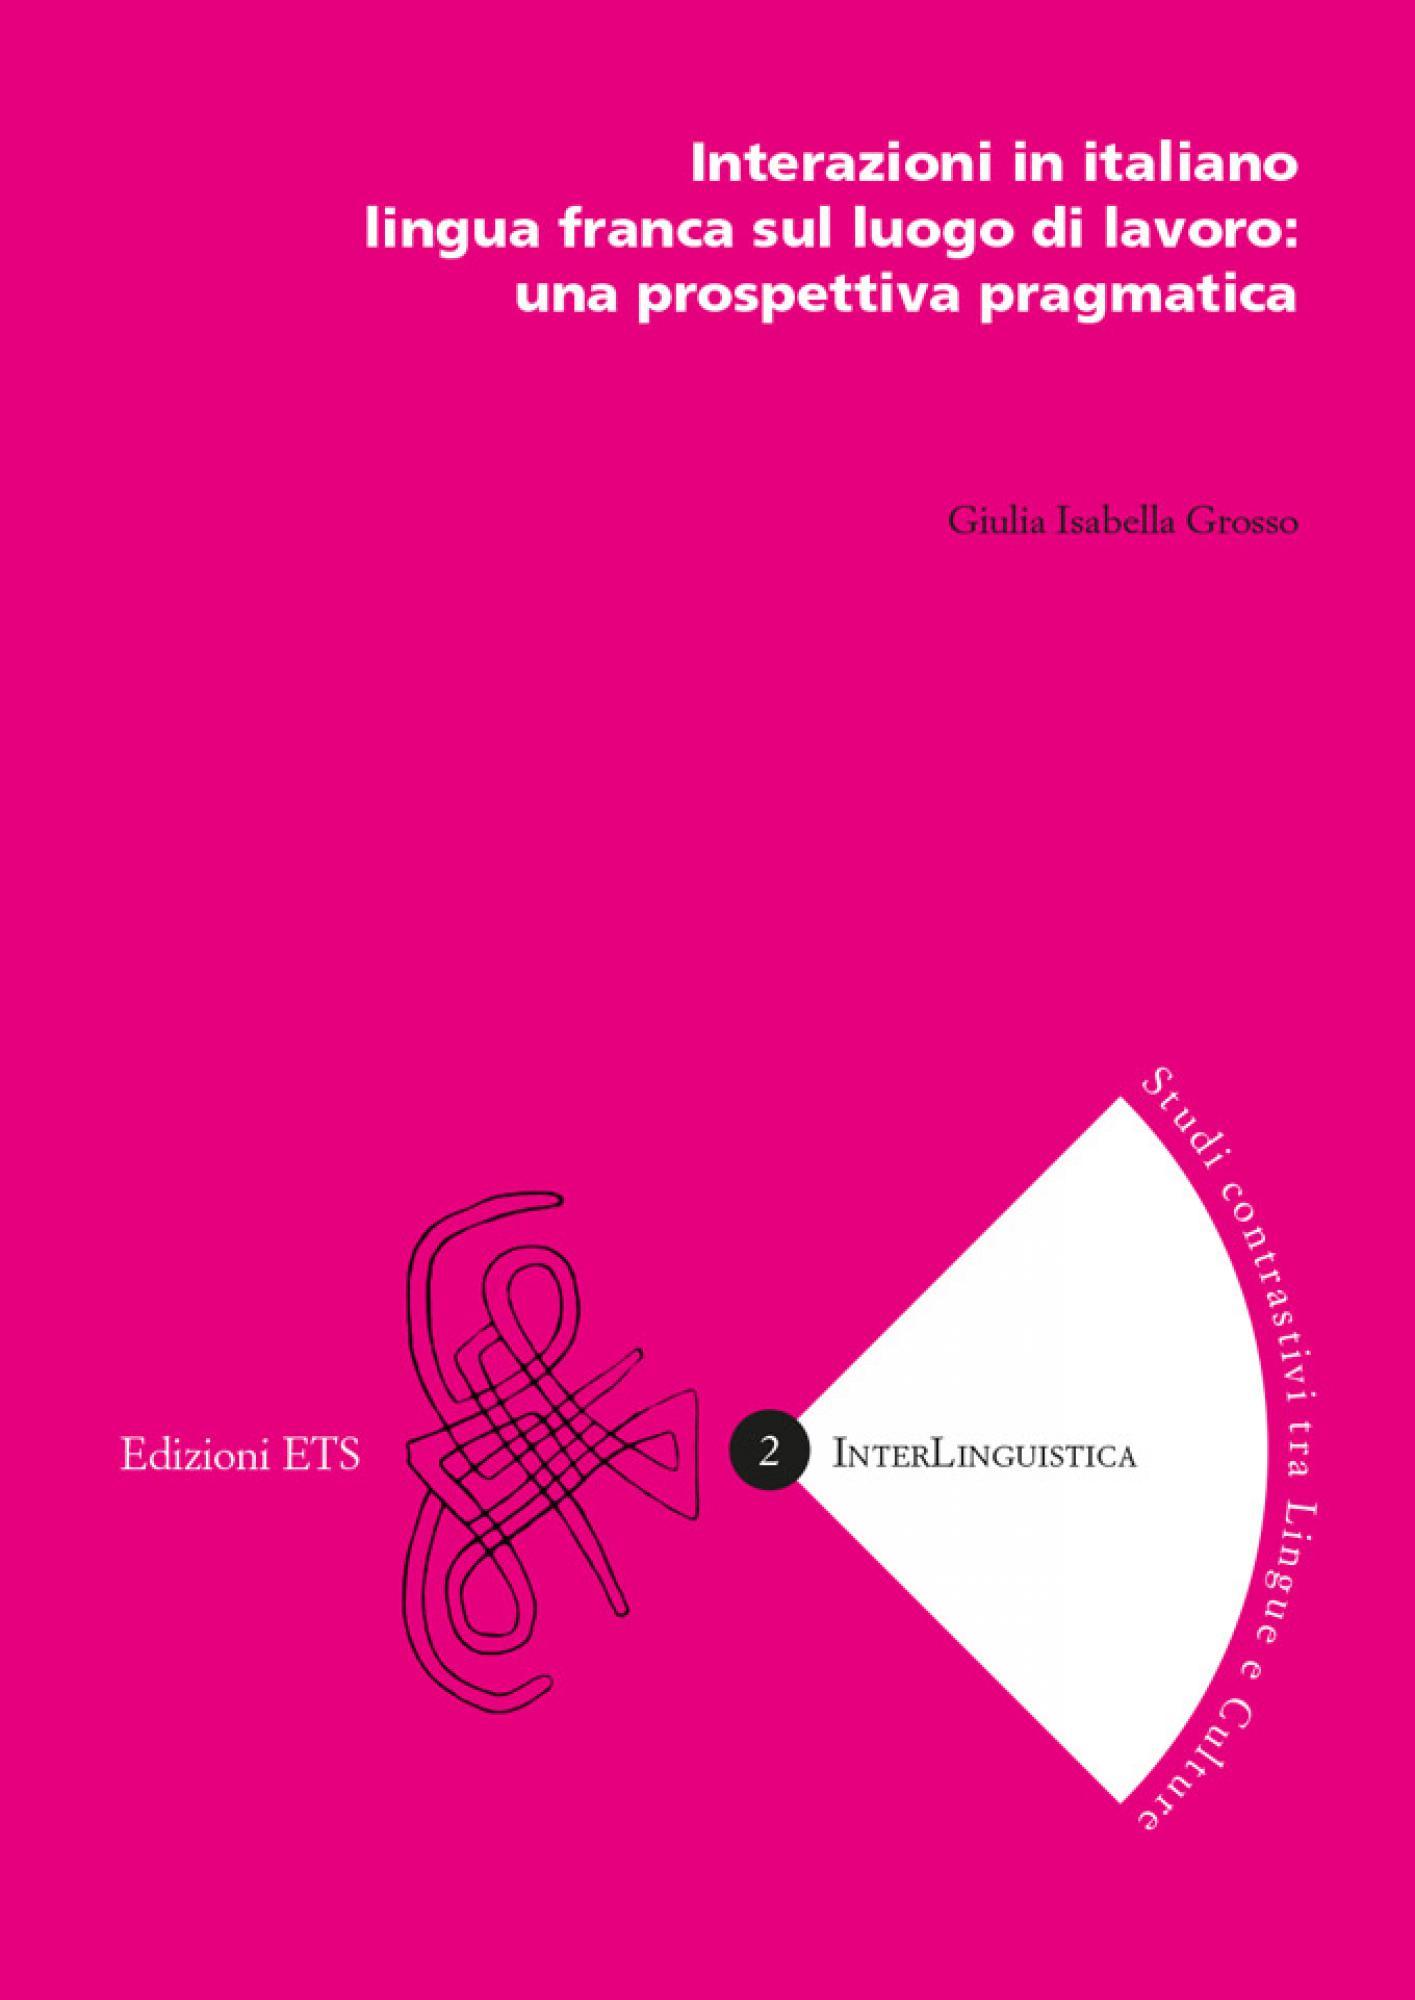 Interazioni in italiano lingua franca sul luogo di lavoro: una prospettiva pragmatica